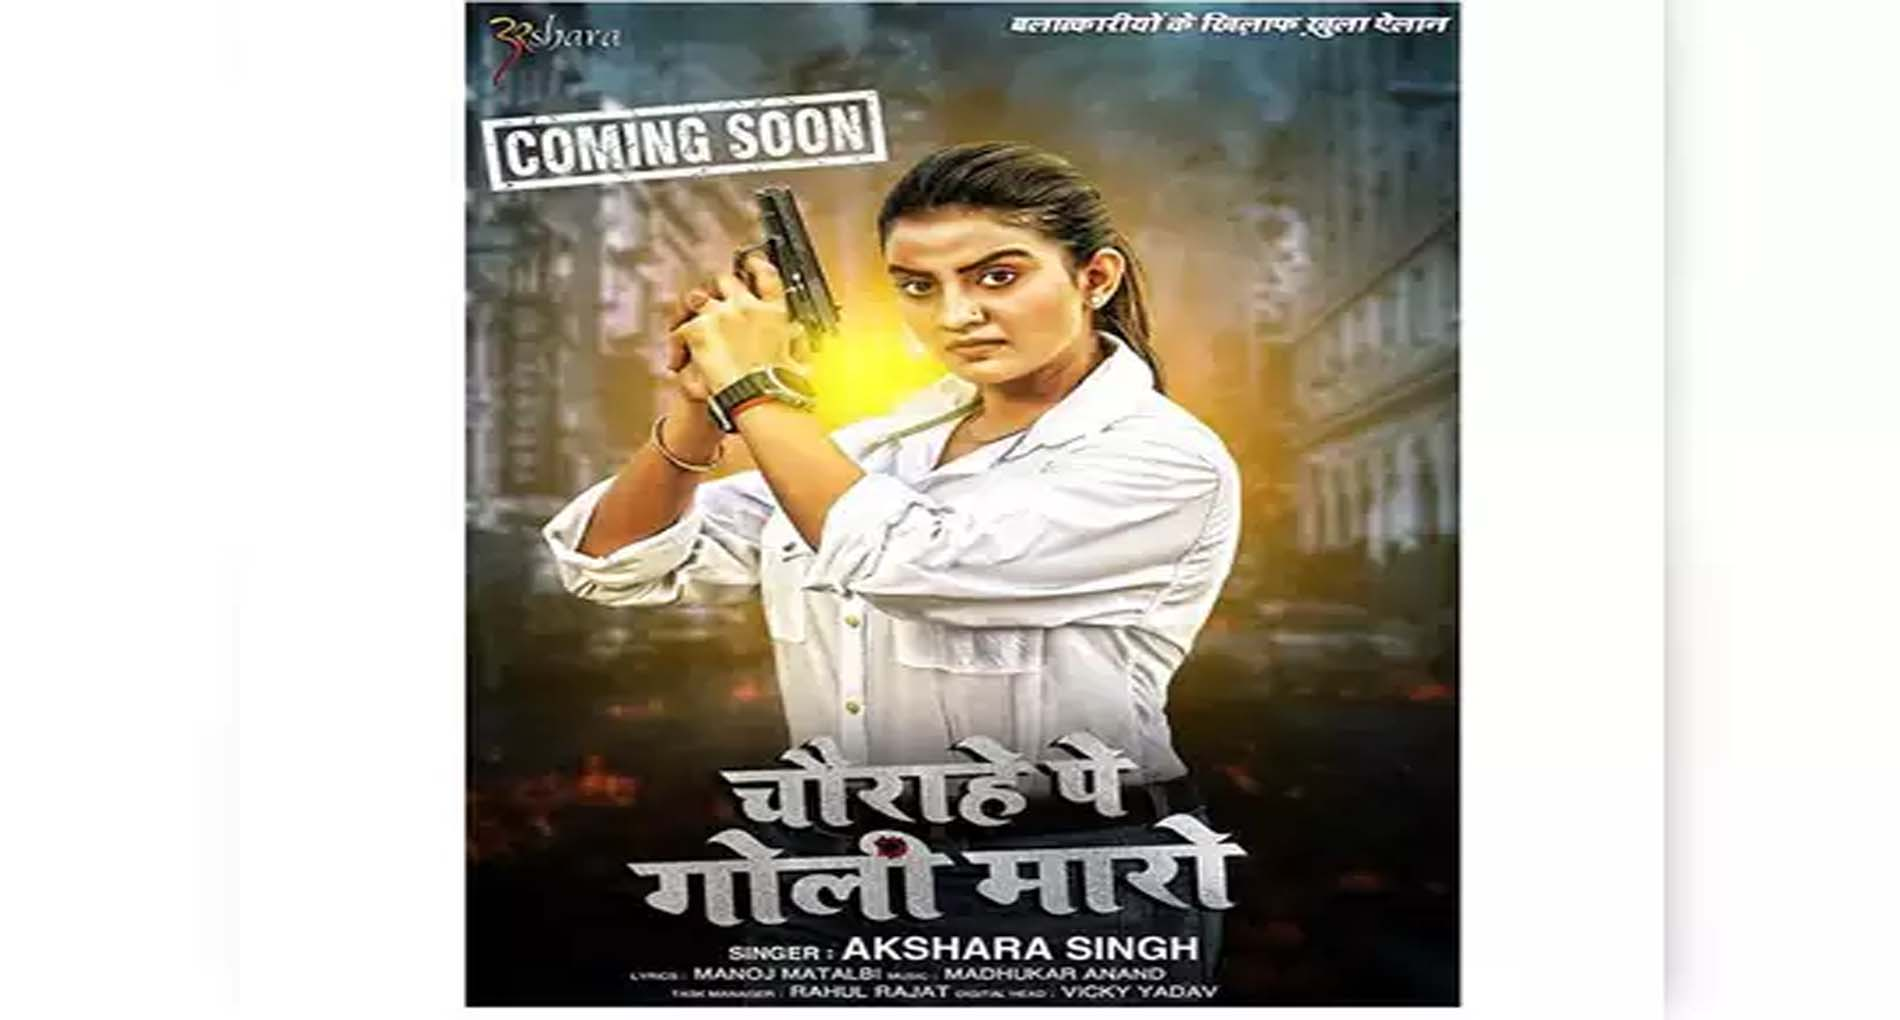 हाथरस कांड पर फूटा अक्षरा सिंह का गुस्सा, अब लेकर आ रही हैं नया गाना 'चौराहे पर गोली मारो'